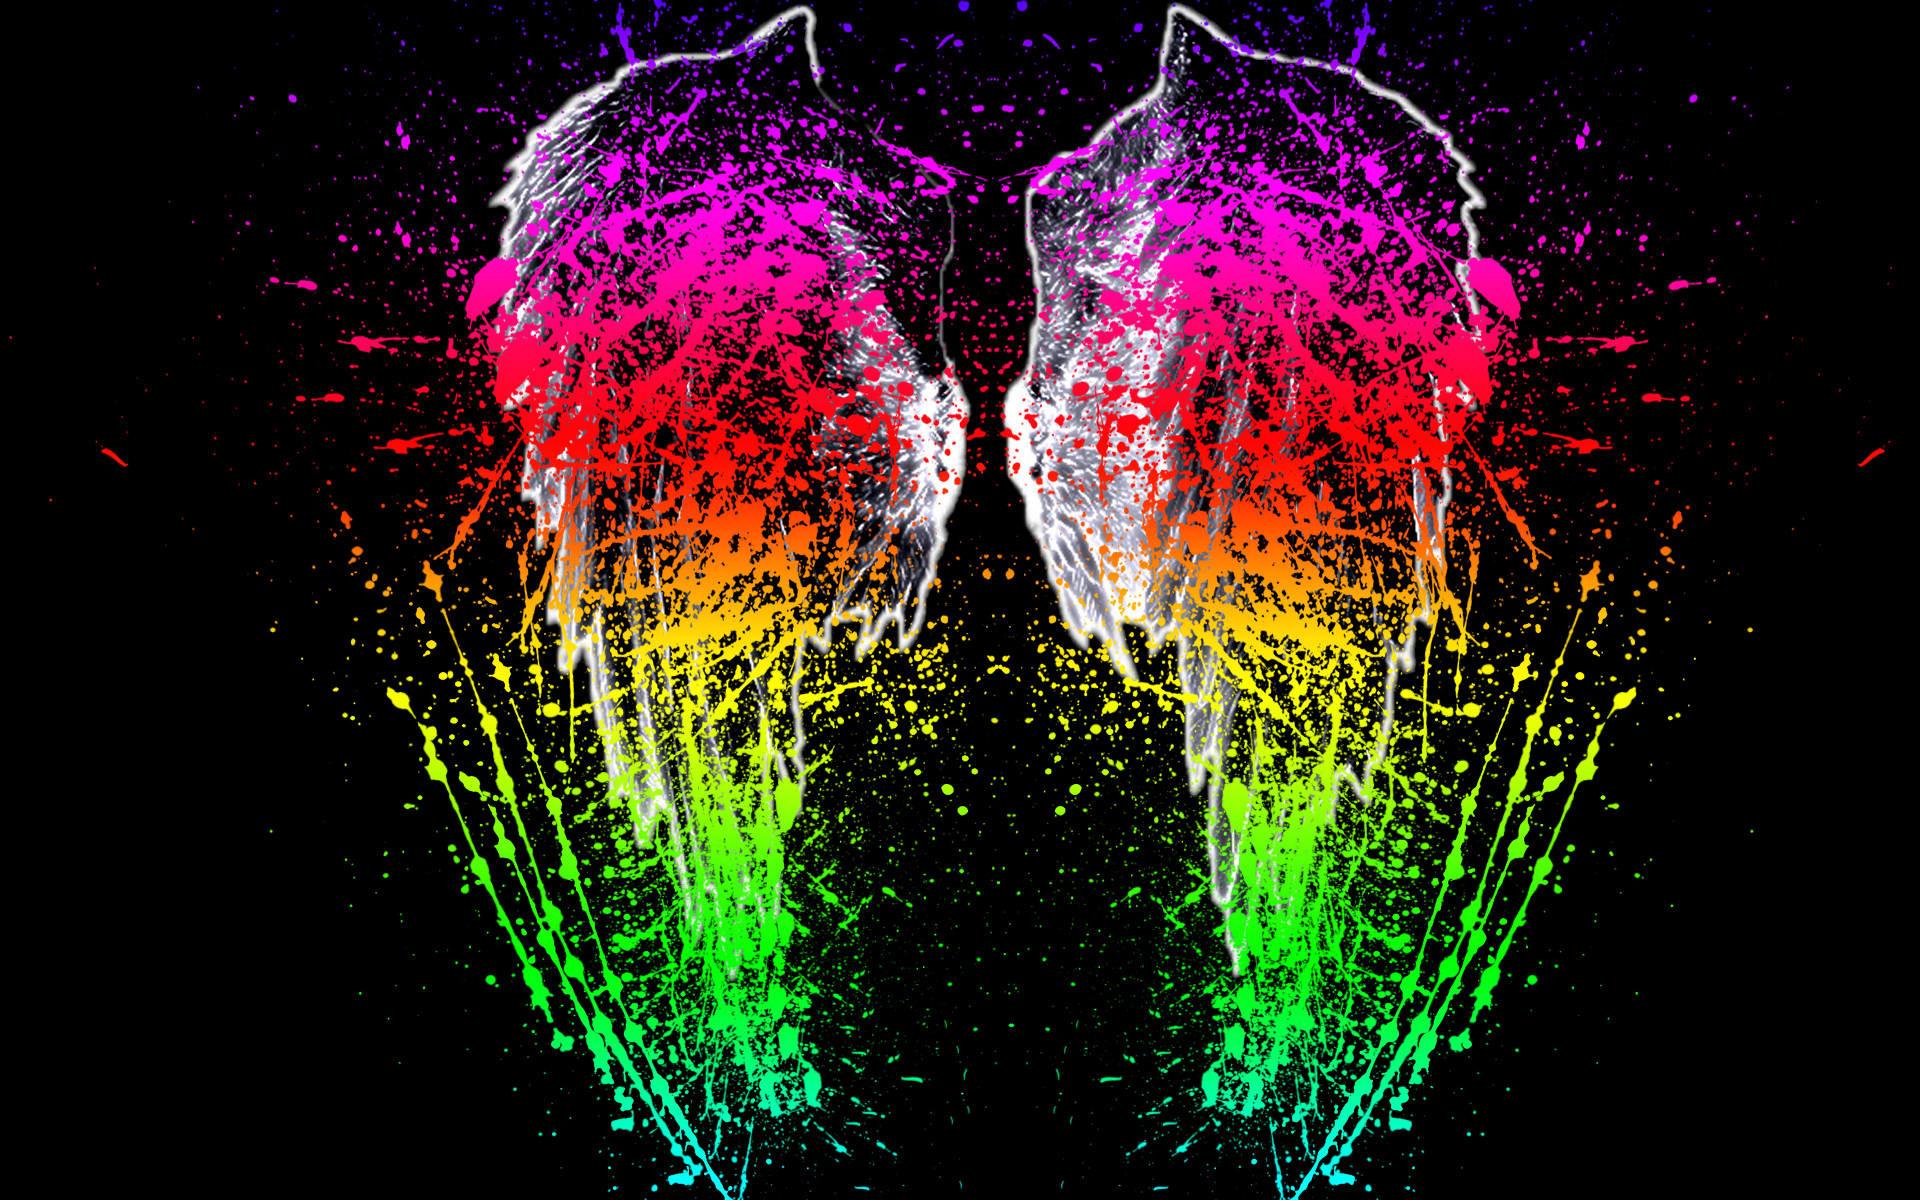 Splatter Splat Neon Wallpaper Paints Pictures Wwwpicturesbosscom